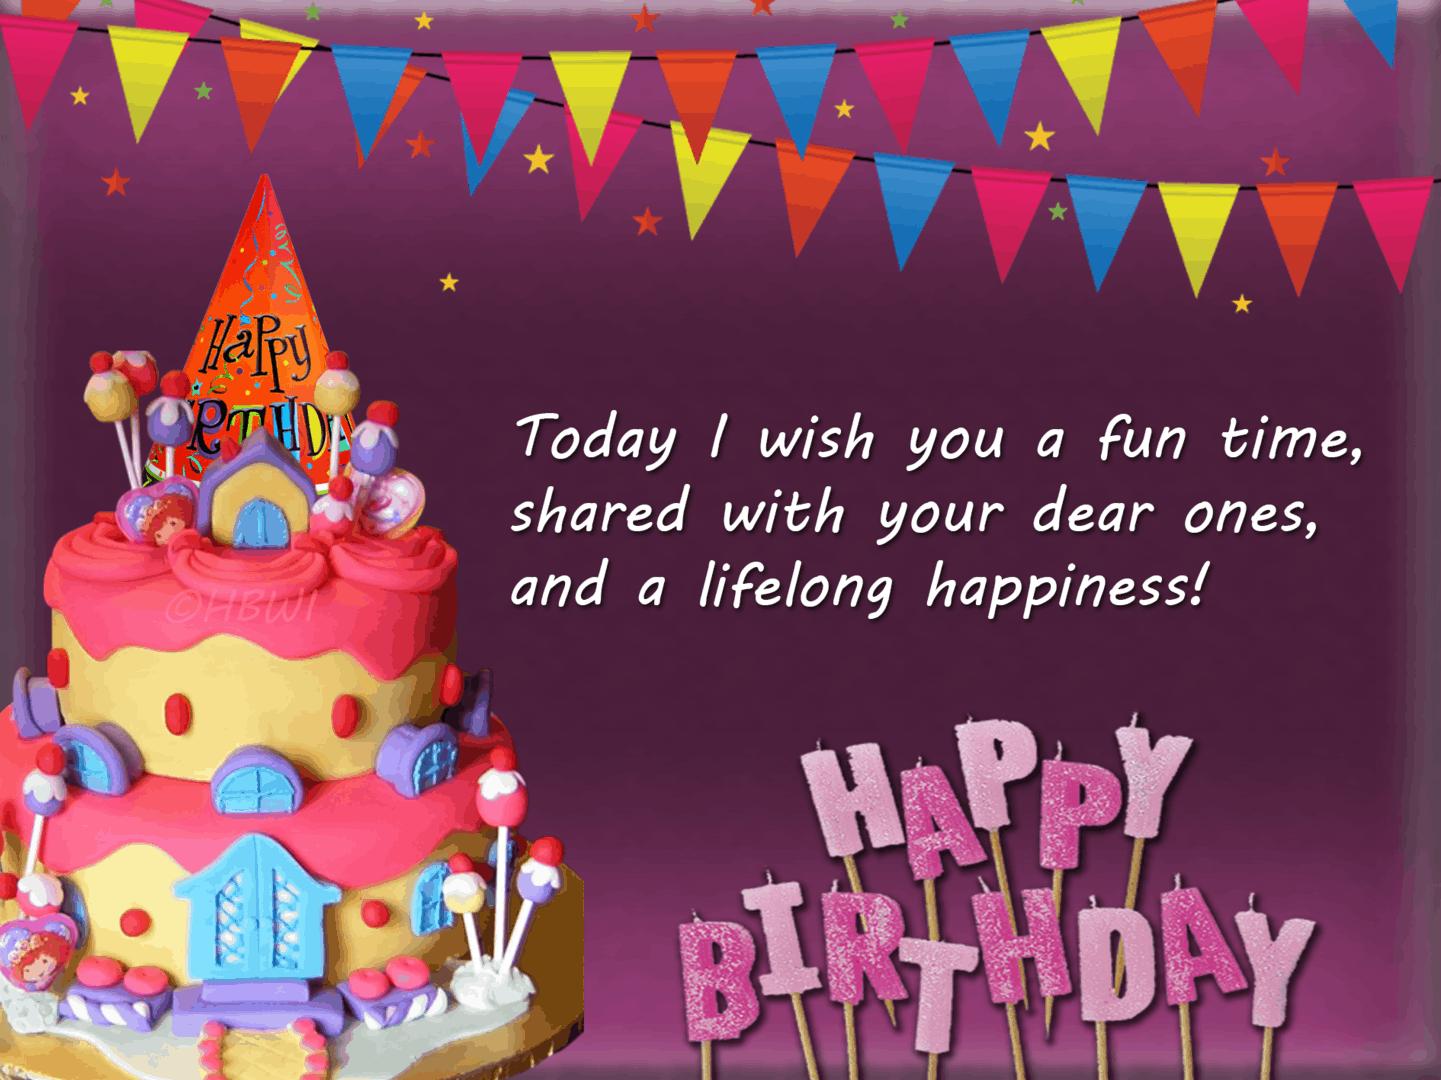 Funny Birthday wish.